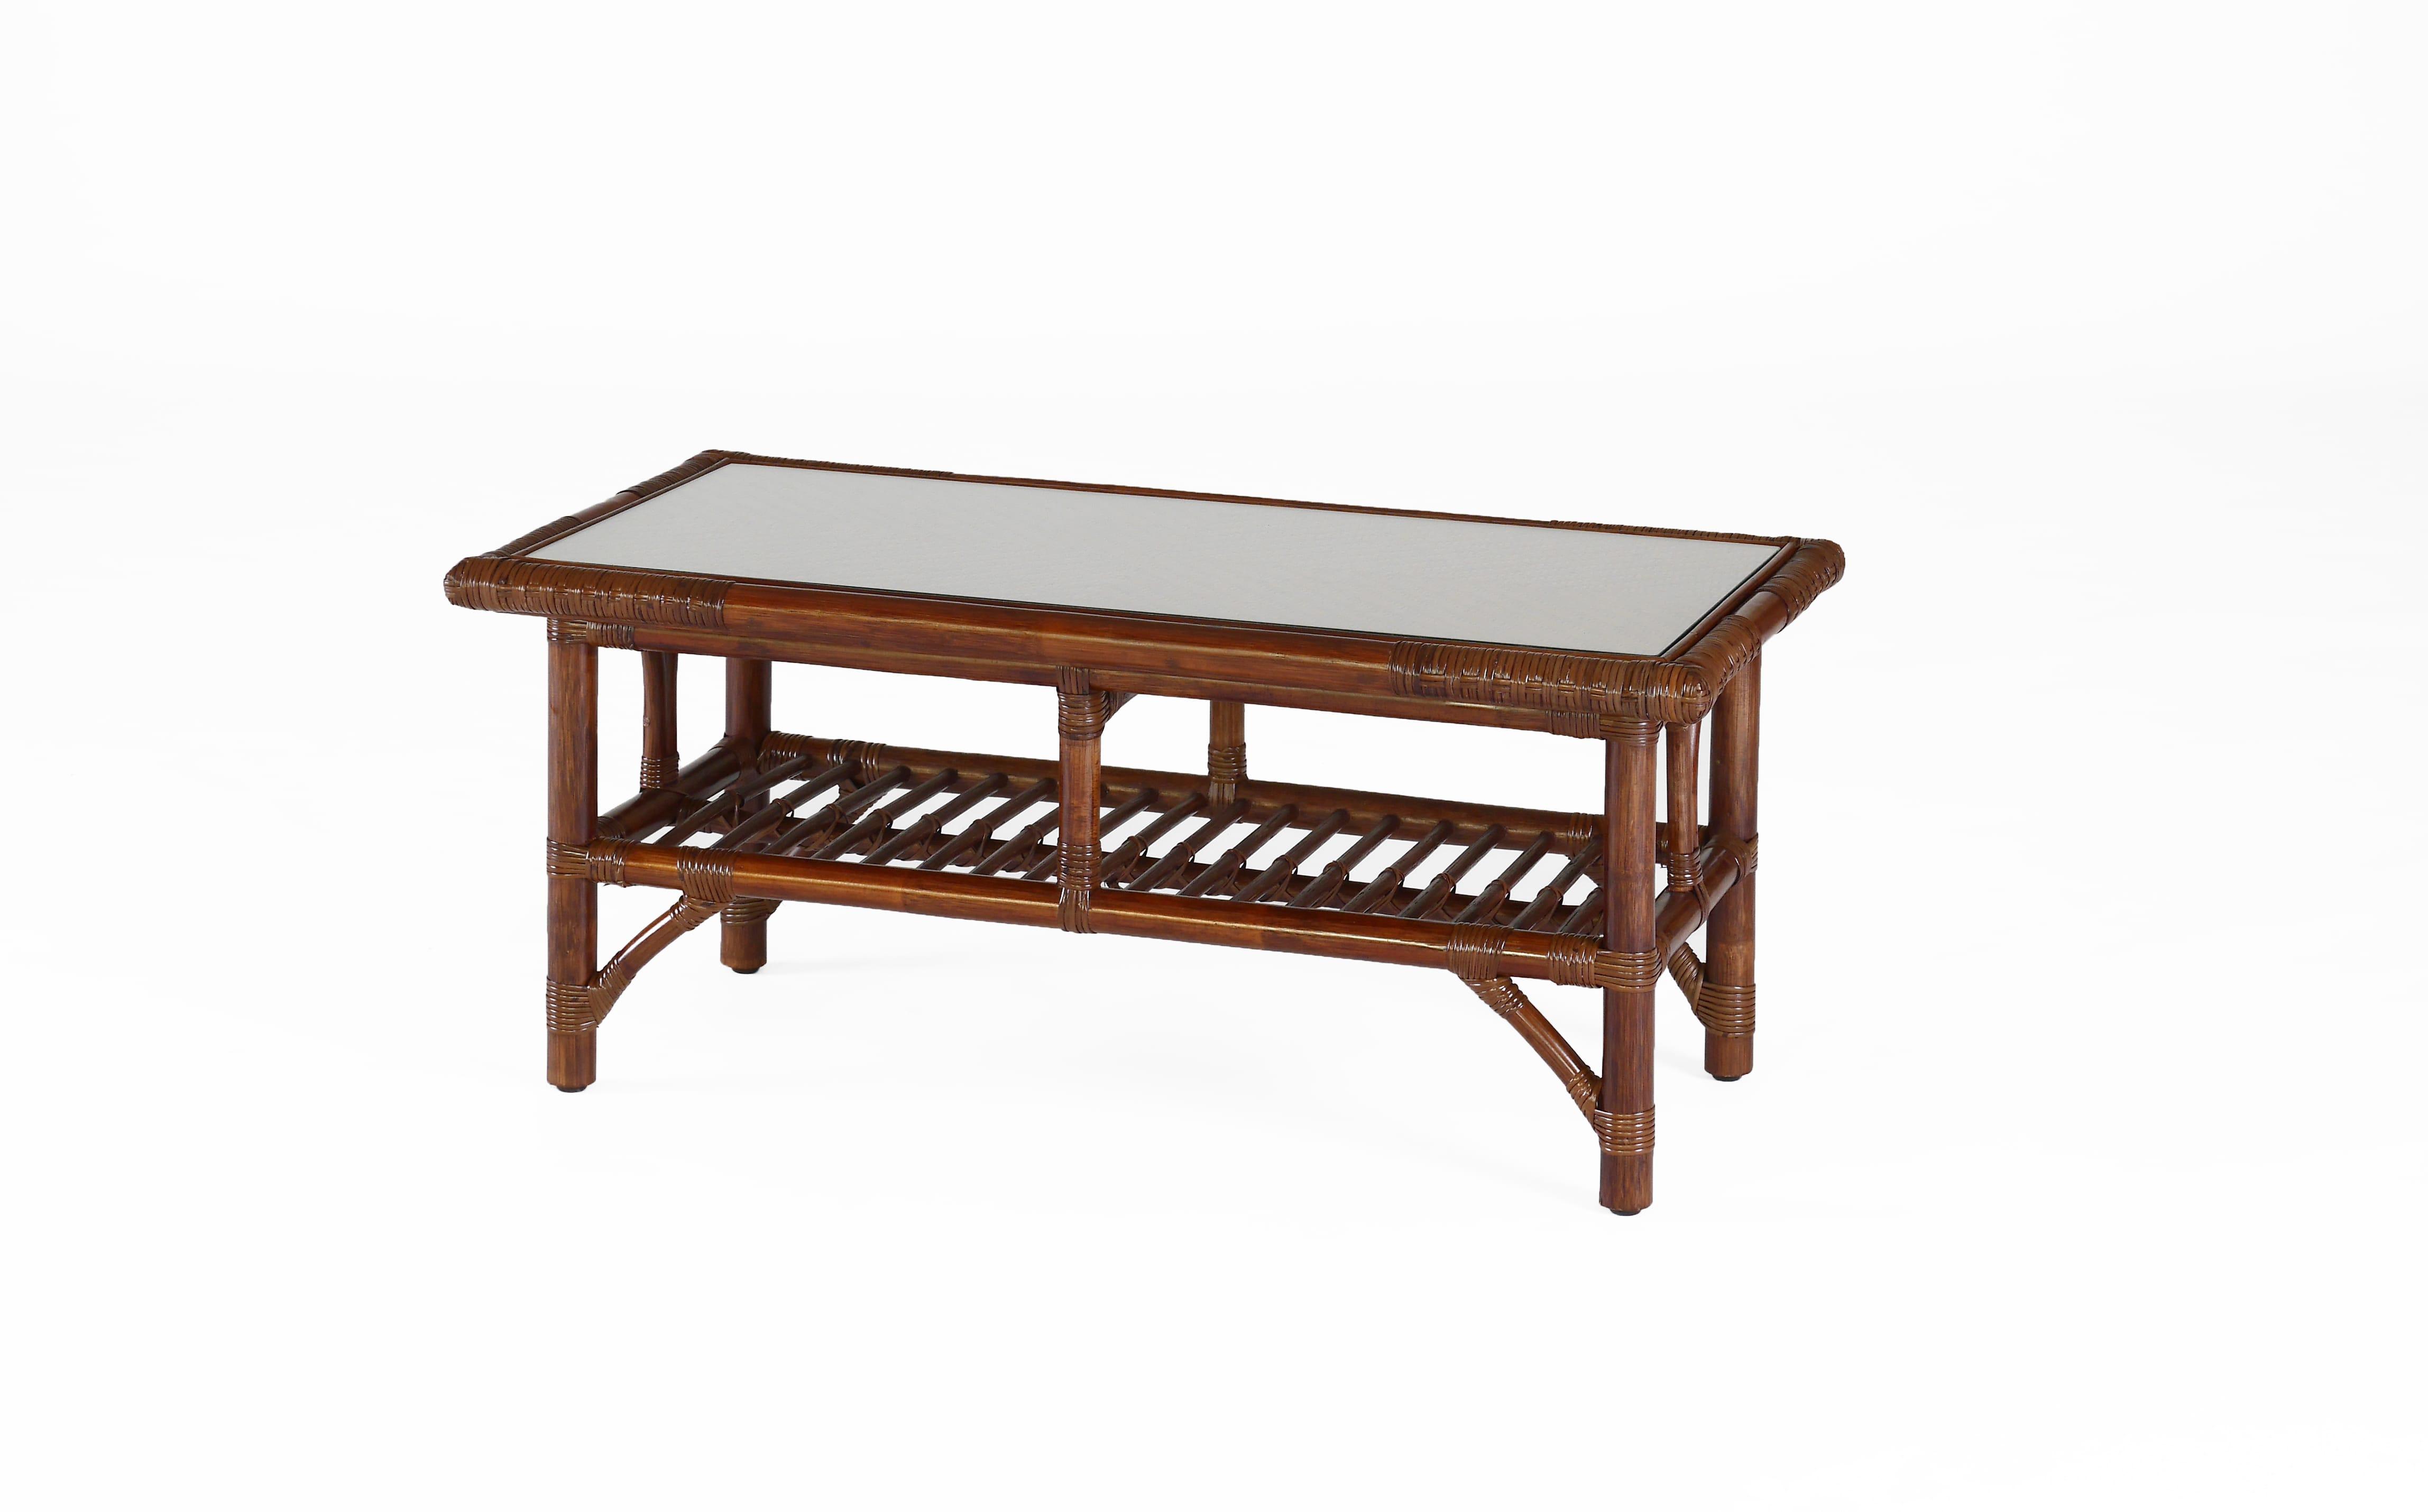 リビングテーブル 03−0540−00:リビングテーブル